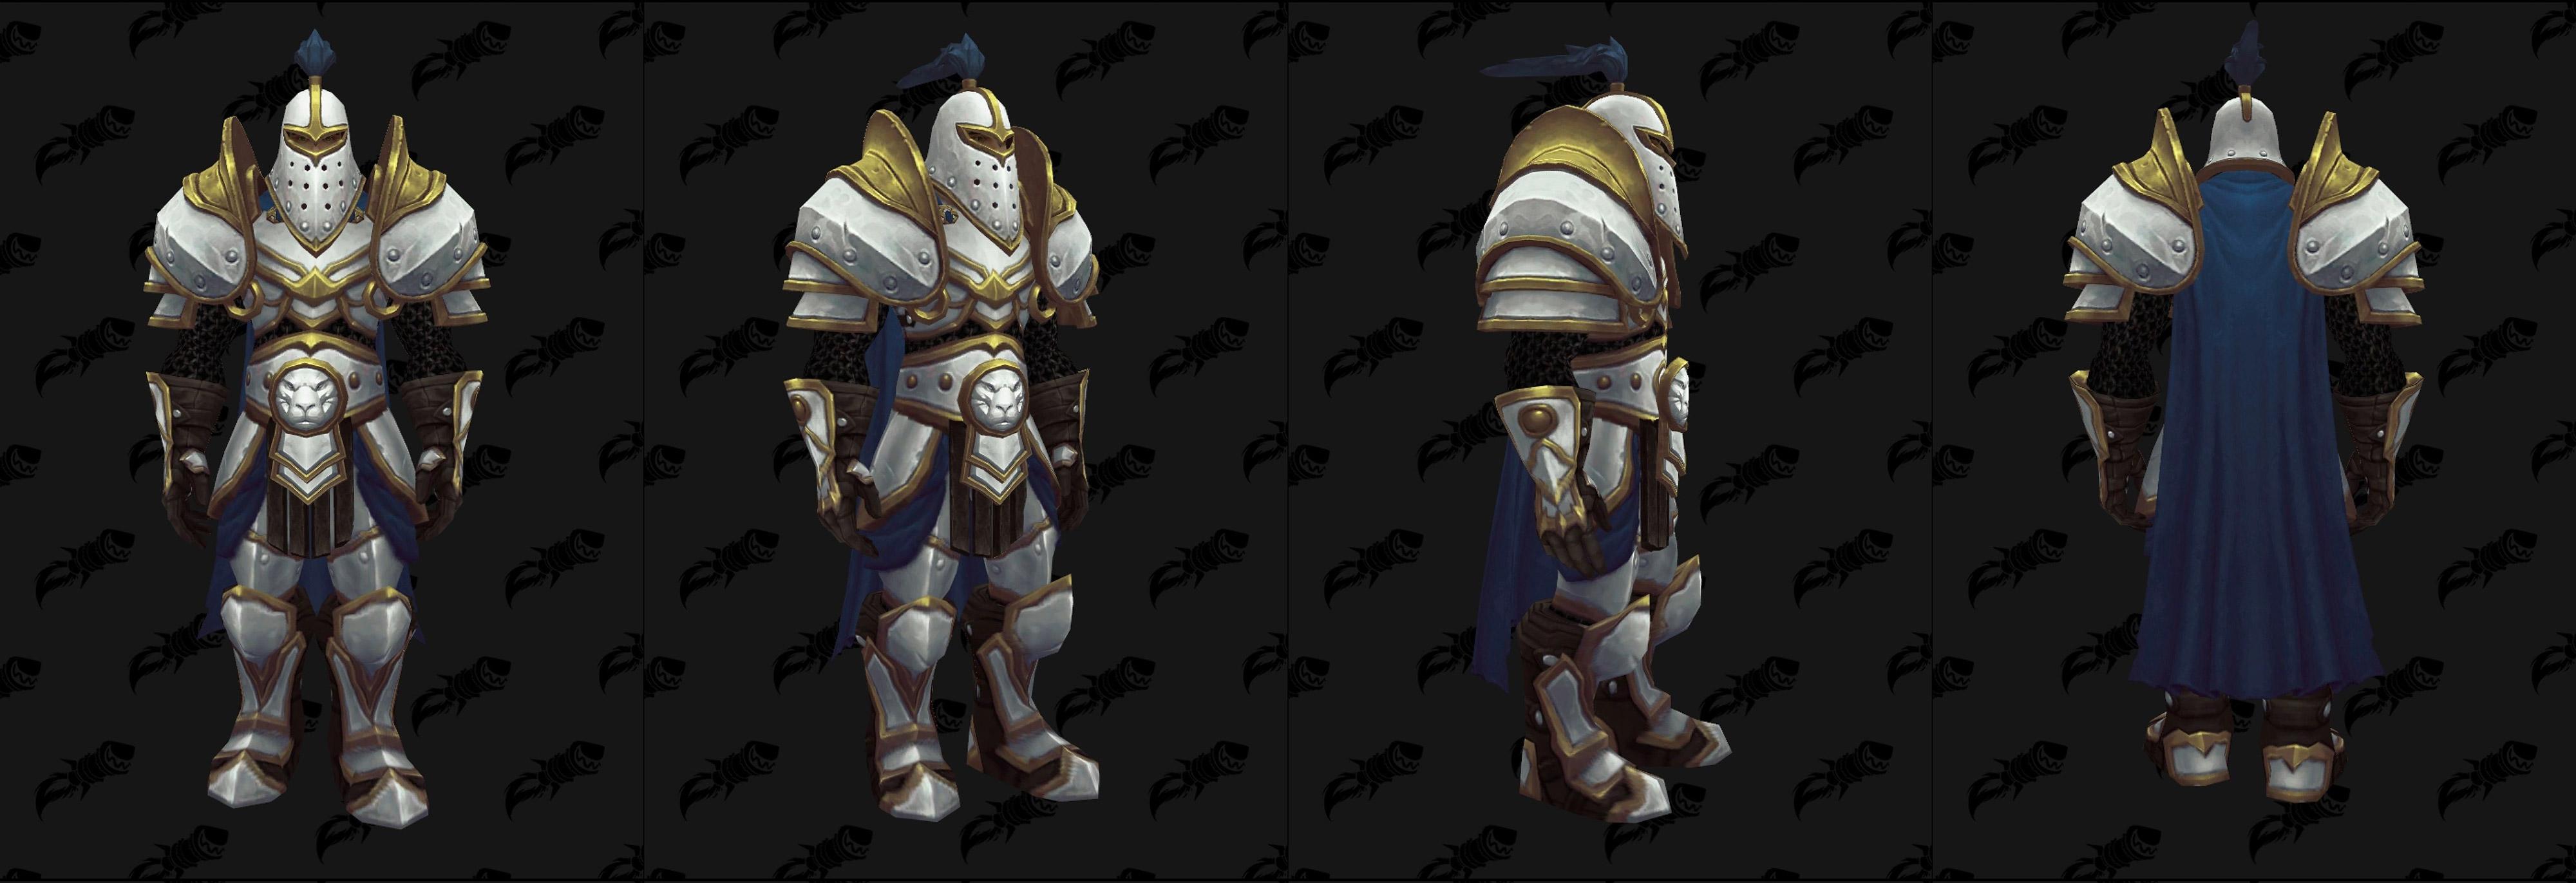 Armures plaques (Alliance) - Fronts de guerre Tier 2 - Coloris 2